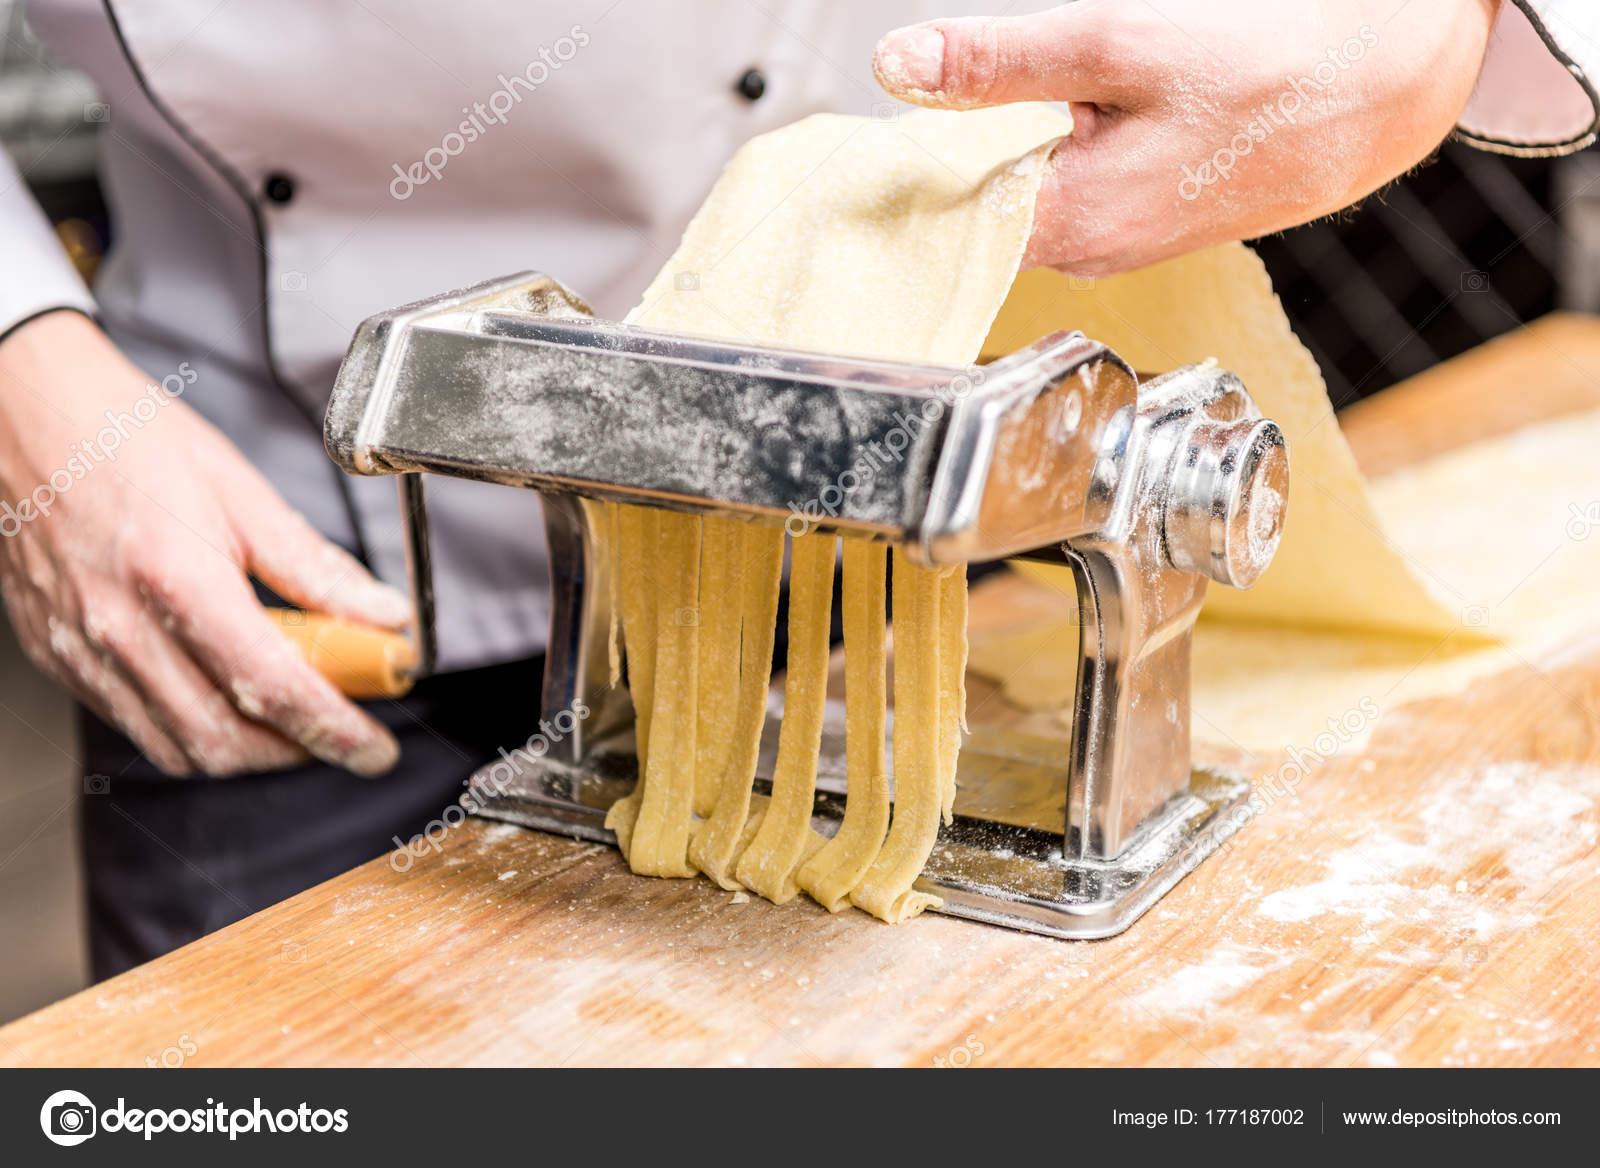 Recortar Imagen Chef Haciendo Pasta Con Máquina Pasta